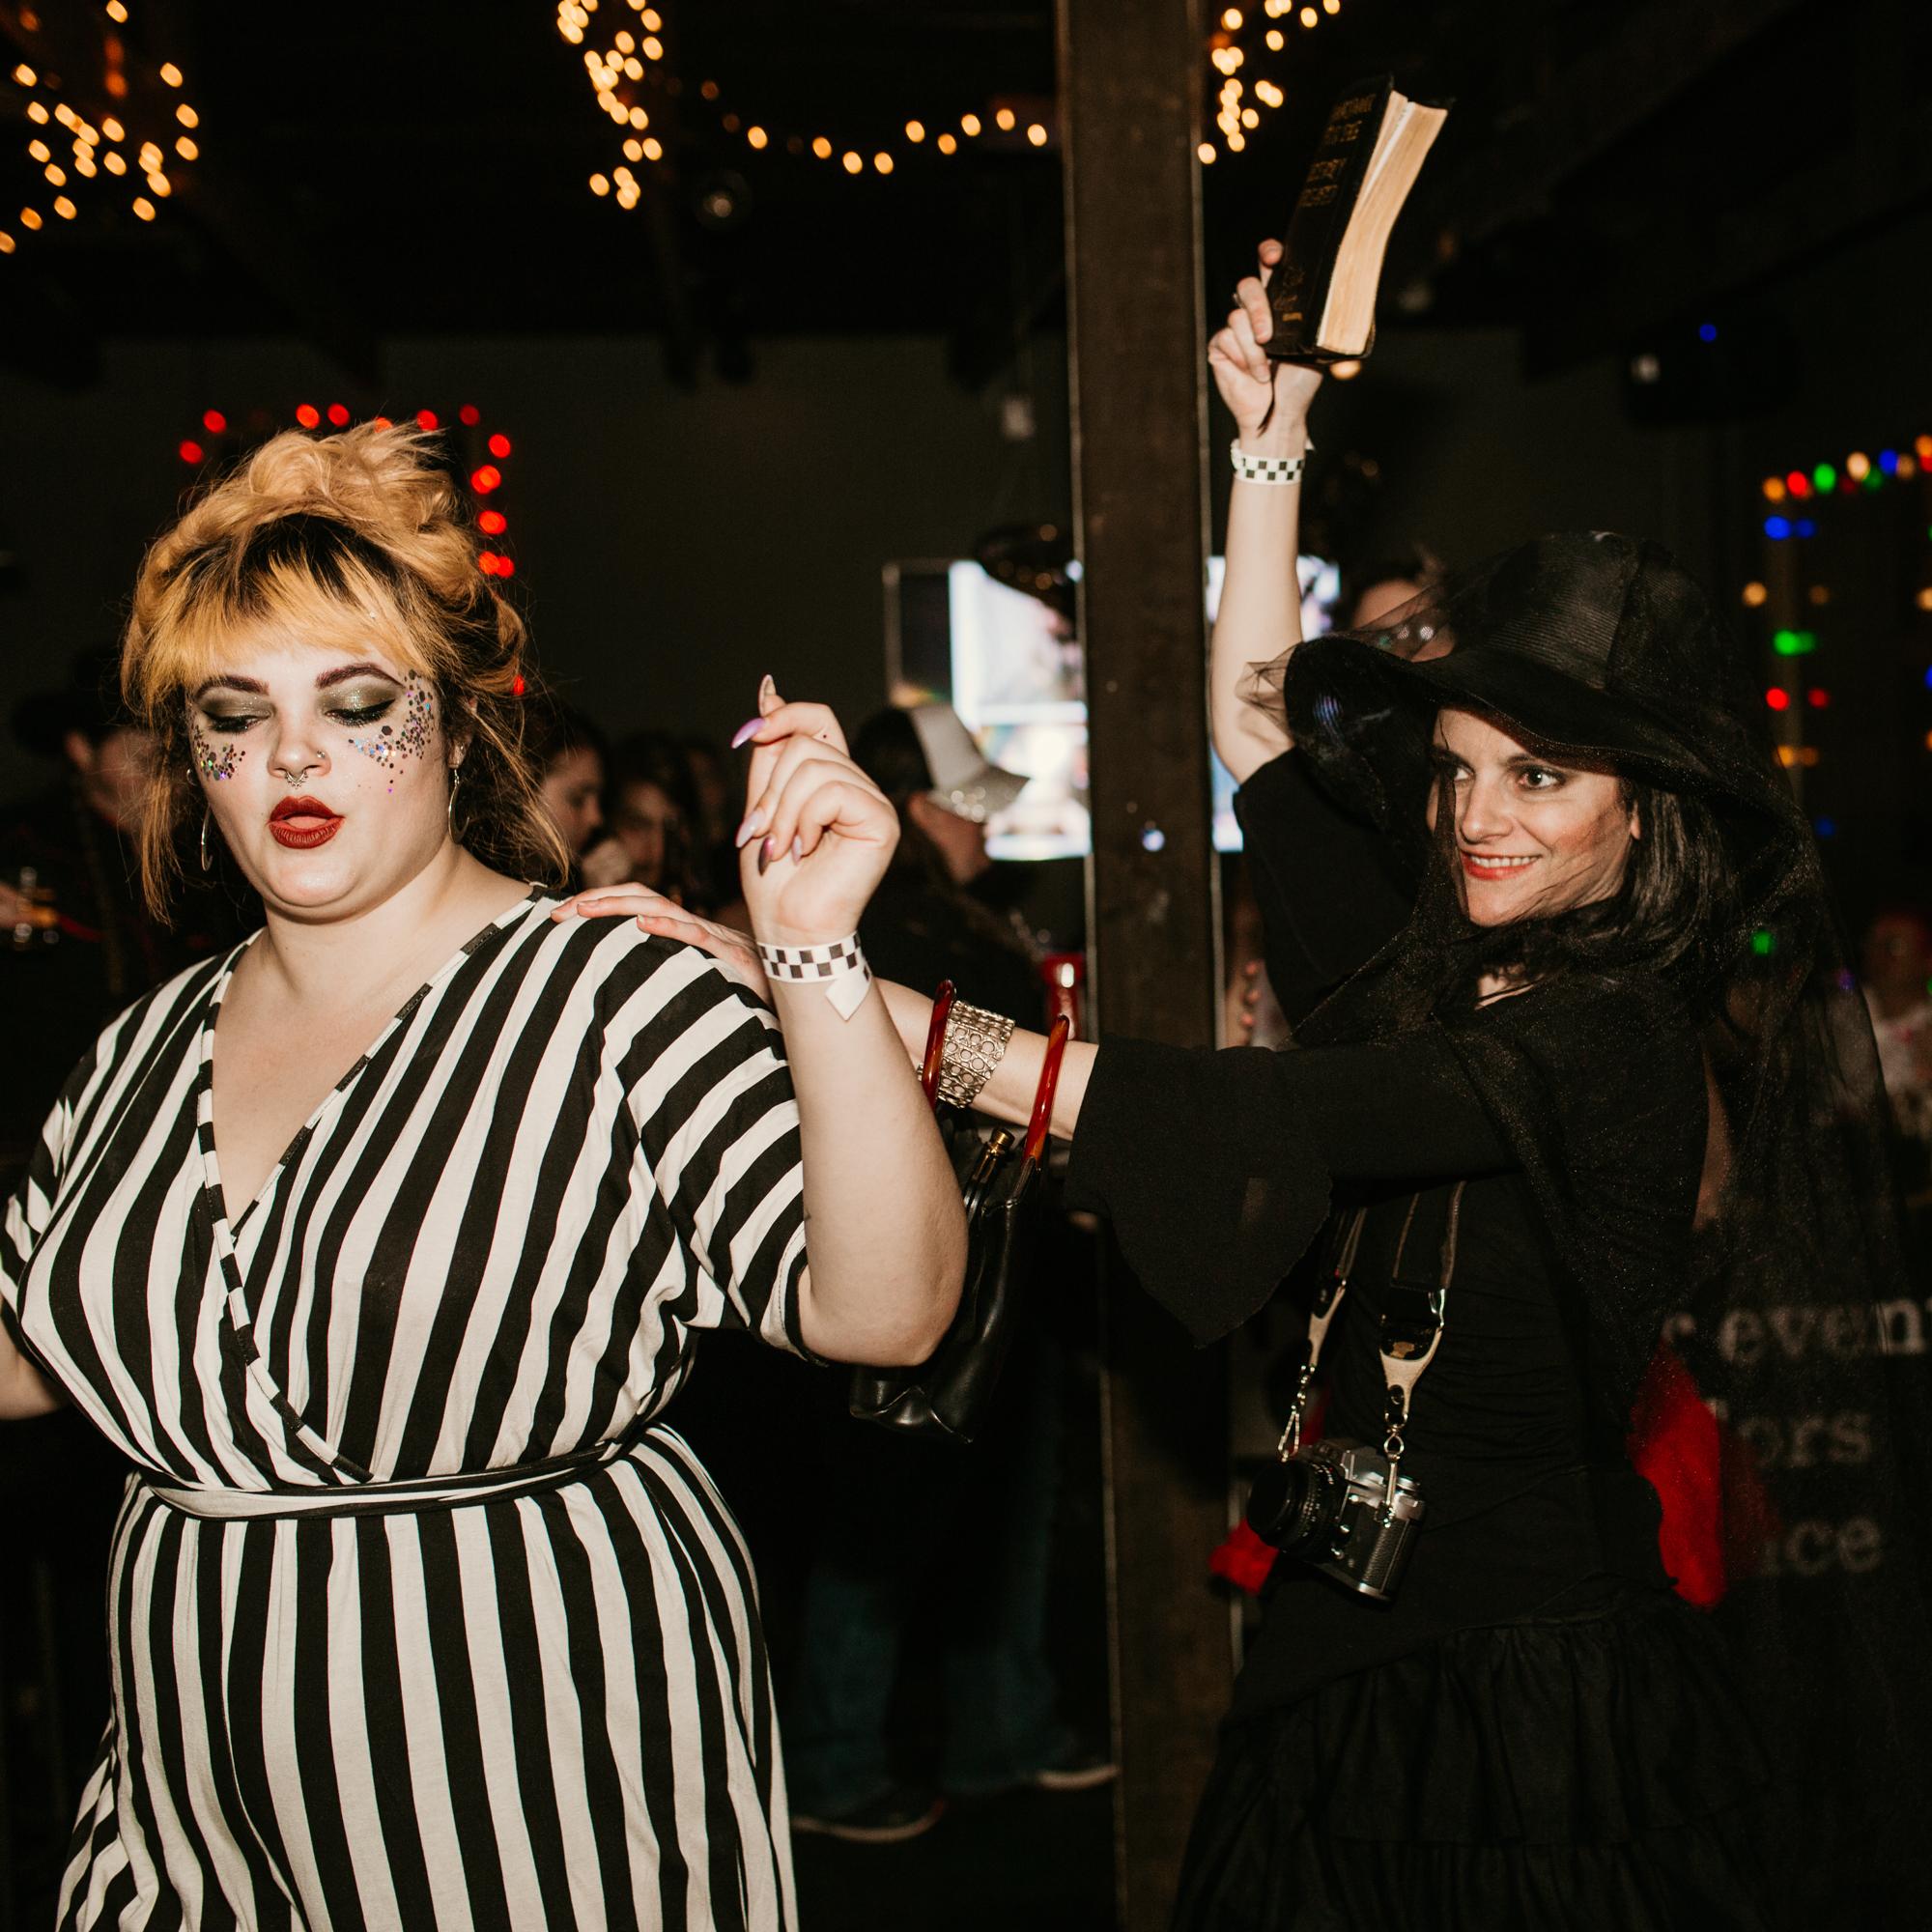 FEVA Winona Ryd or Die 4-14-18 Butchertown Social Crystal Ludwick Photo LOW RES (158 of 163).jpg